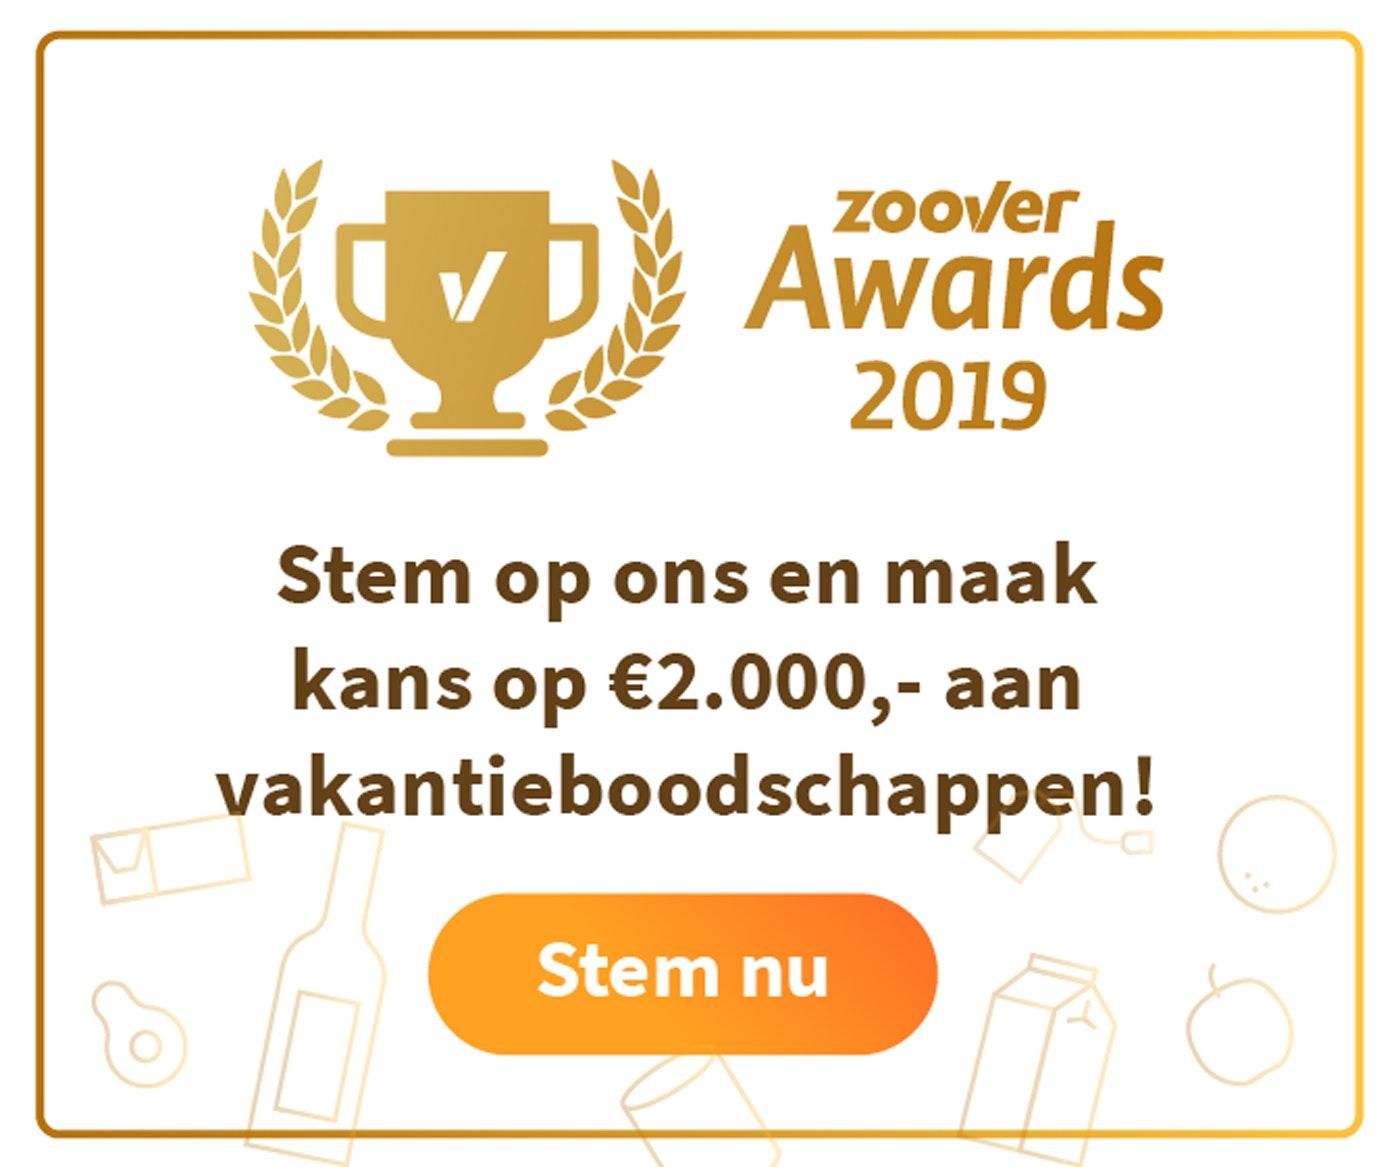 Zoover awards stemmen